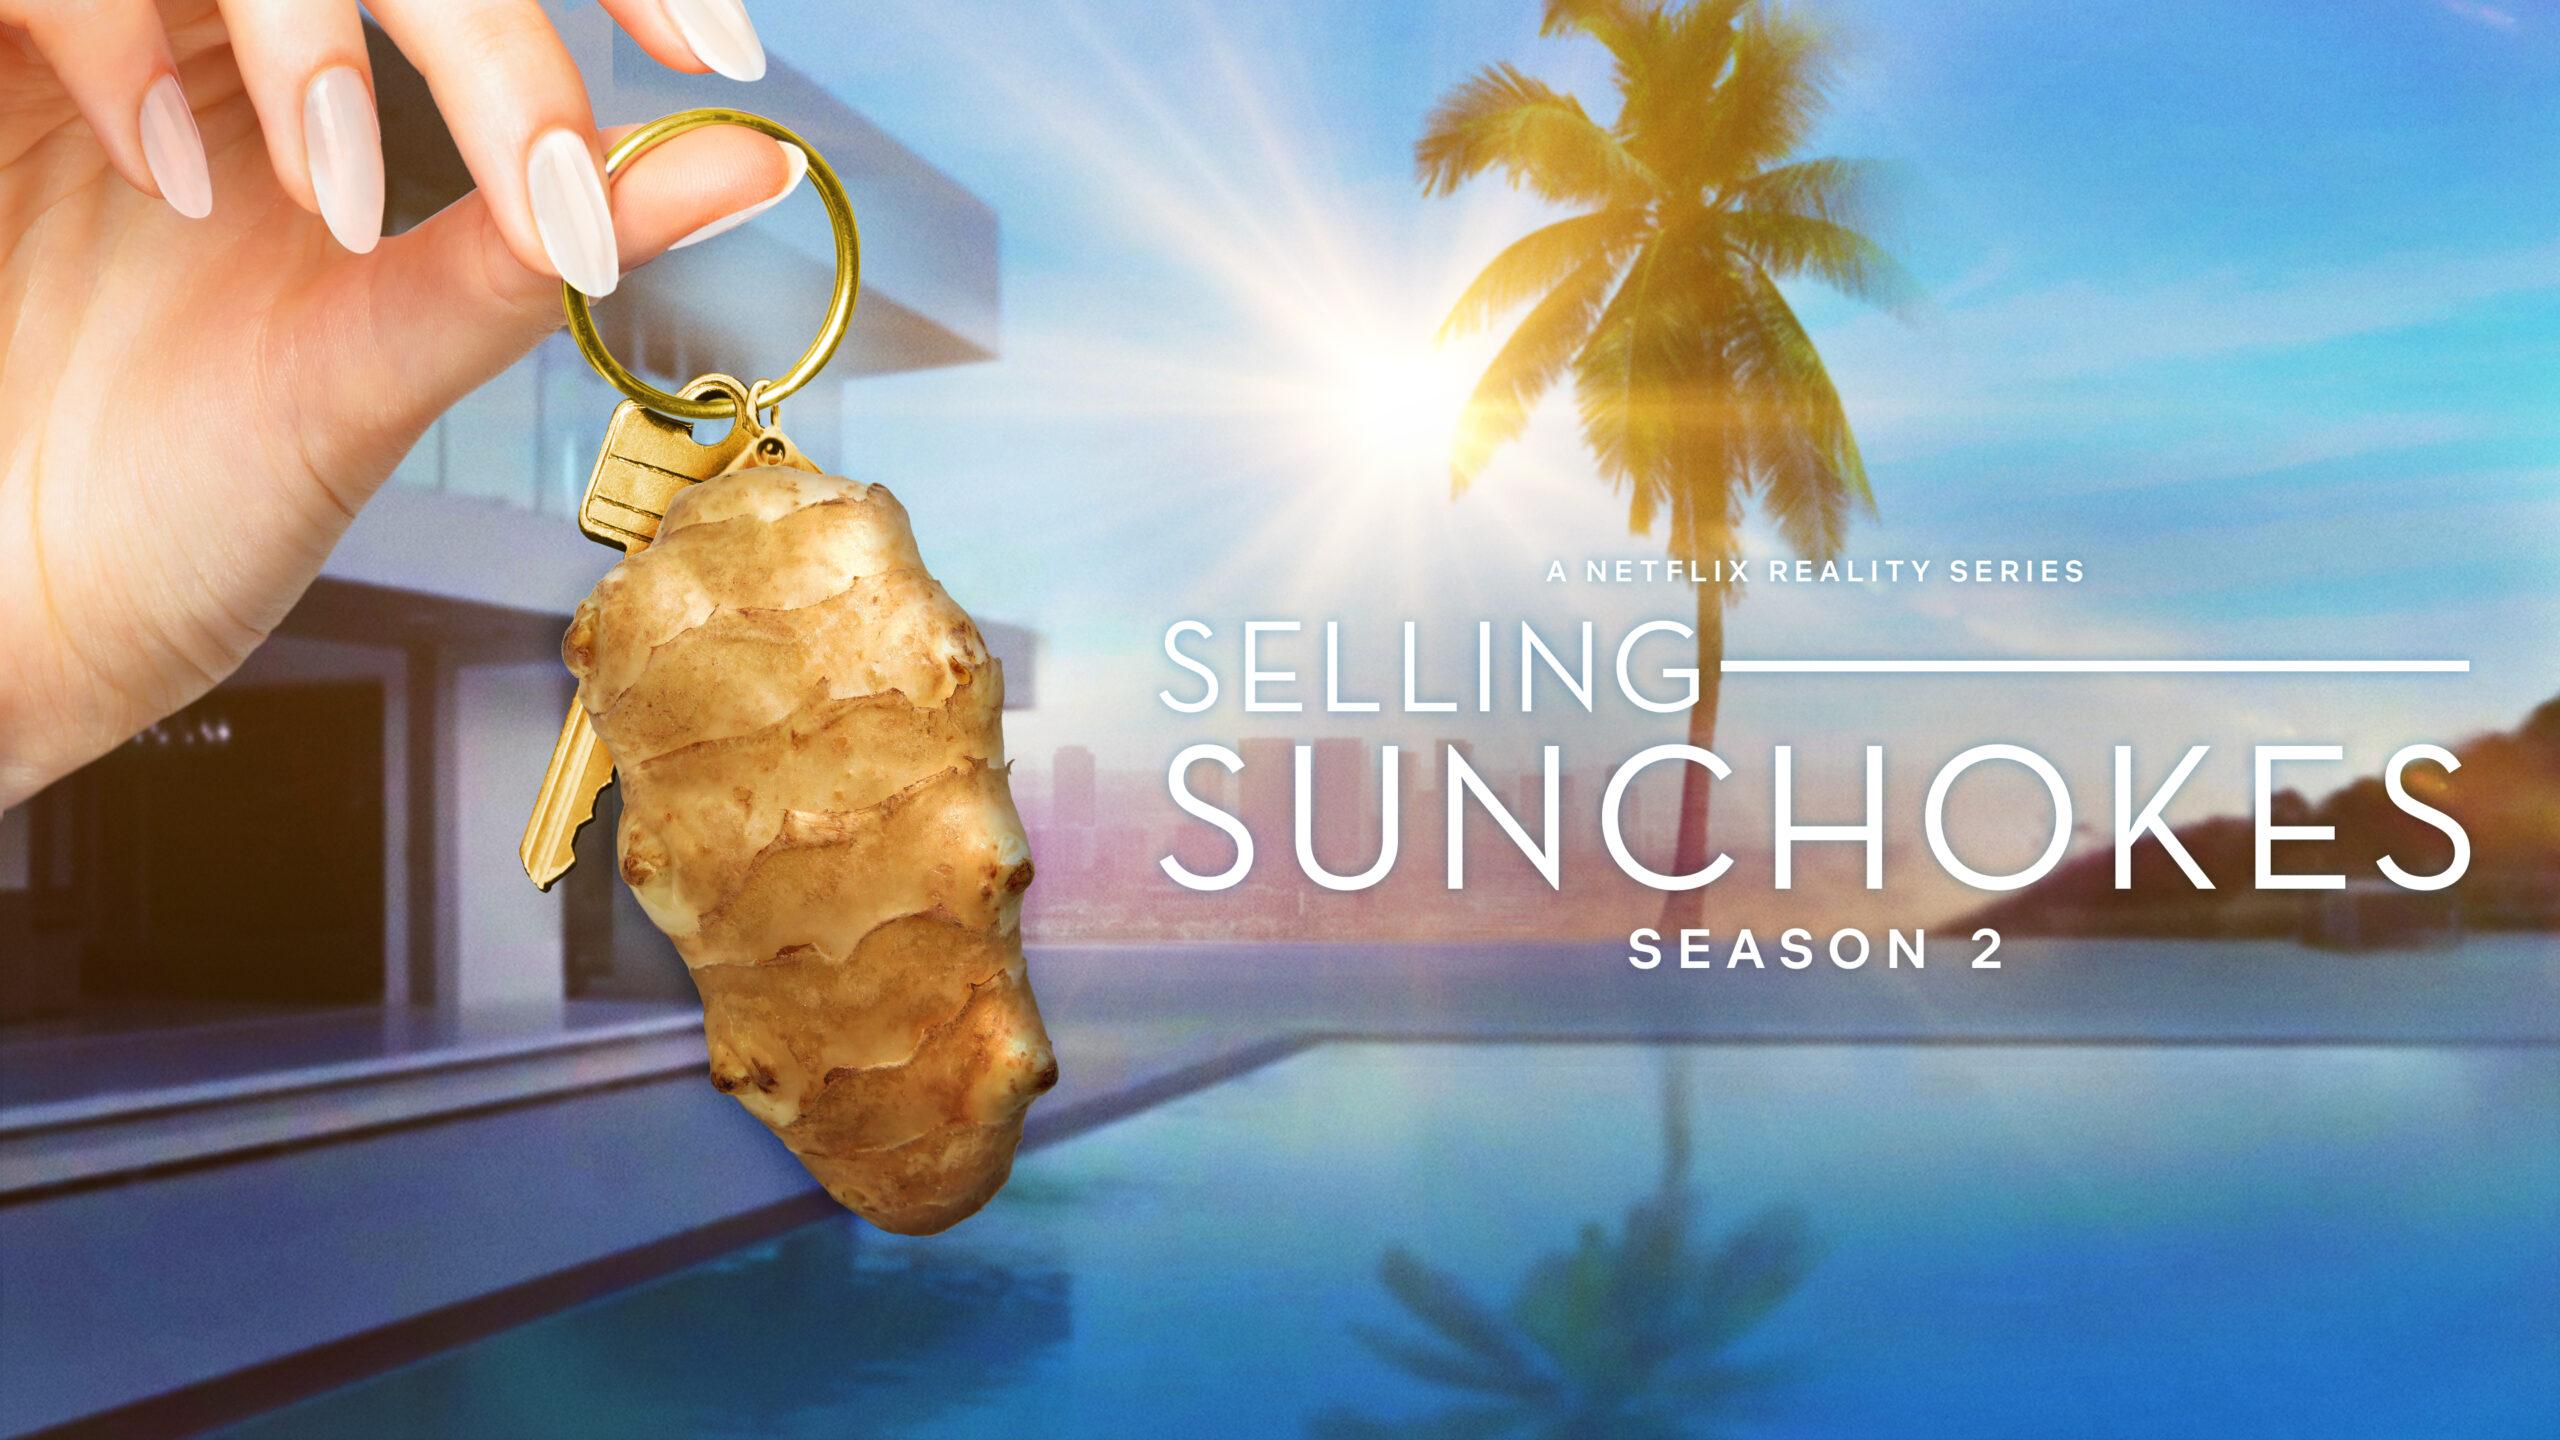 GS_W&M_SellingSunchokes-wide